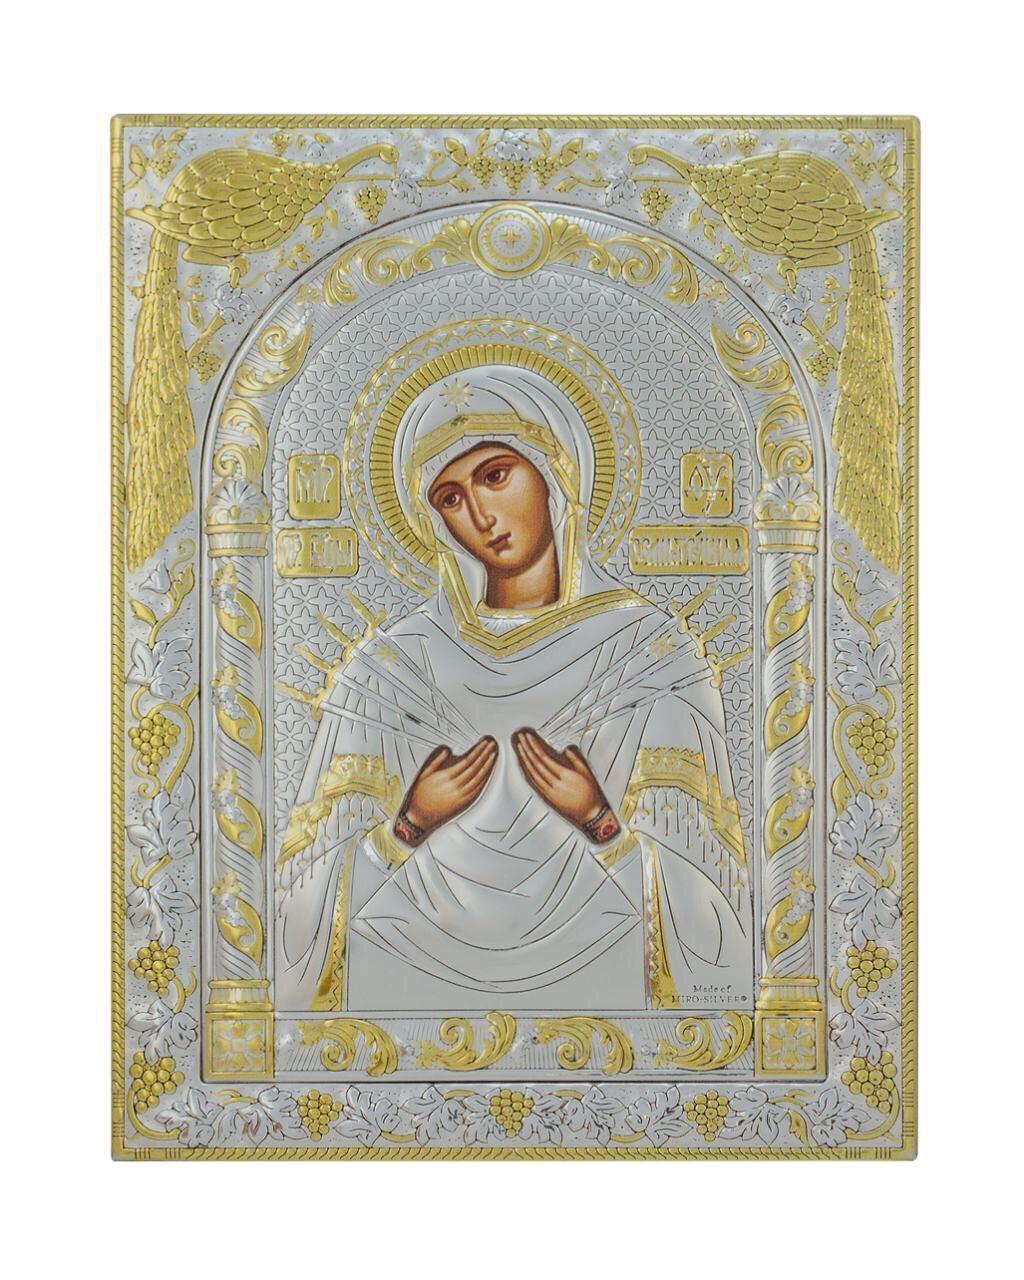 Семистрельная икона Божьей Матери  120 мм х 160 мм серебряная с позолотой